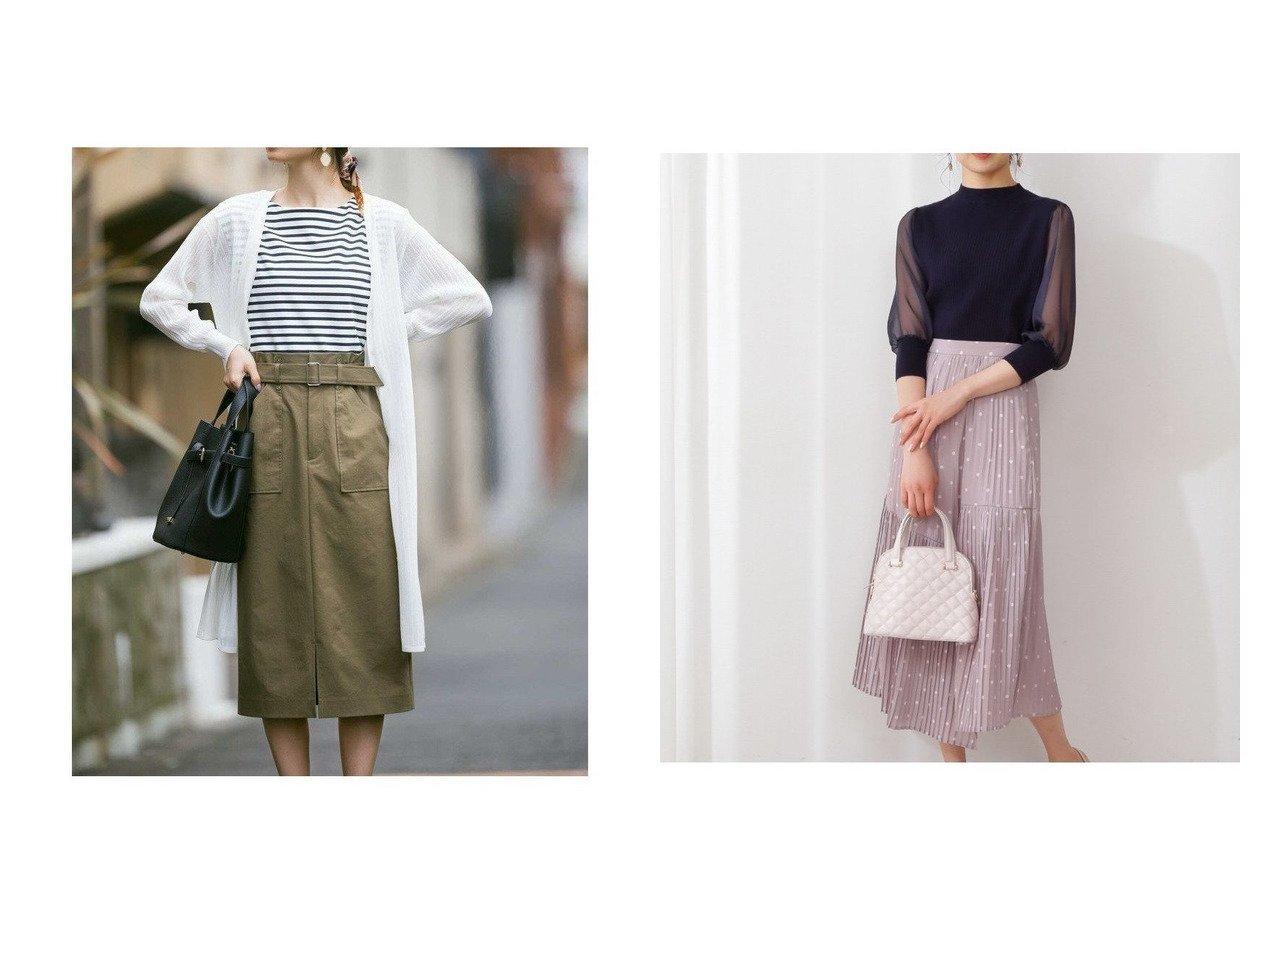 【PROPORTION BODY DRESSING/プロポーション ボディドレッシング】のビックポケットタイトスカート&ラップドットプリーツスカート 【スカート】おすすめ!人気、トレンド・レディースファッションの通販 おすすめで人気の流行・トレンド、ファッションの通販商品 メンズファッション・キッズファッション・インテリア・家具・レディースファッション・服の通販 founy(ファニー) https://founy.com/ ファッション Fashion レディースファッション WOMEN スカート Skirt プリーツスカート Pleated Skirts おすすめ Recommend アシンメトリー イレギュラーヘム シンプル スウェット スタンダード スクエア スリット センター タイトスカート ビッグ ポケット |ID:crp329100000036709